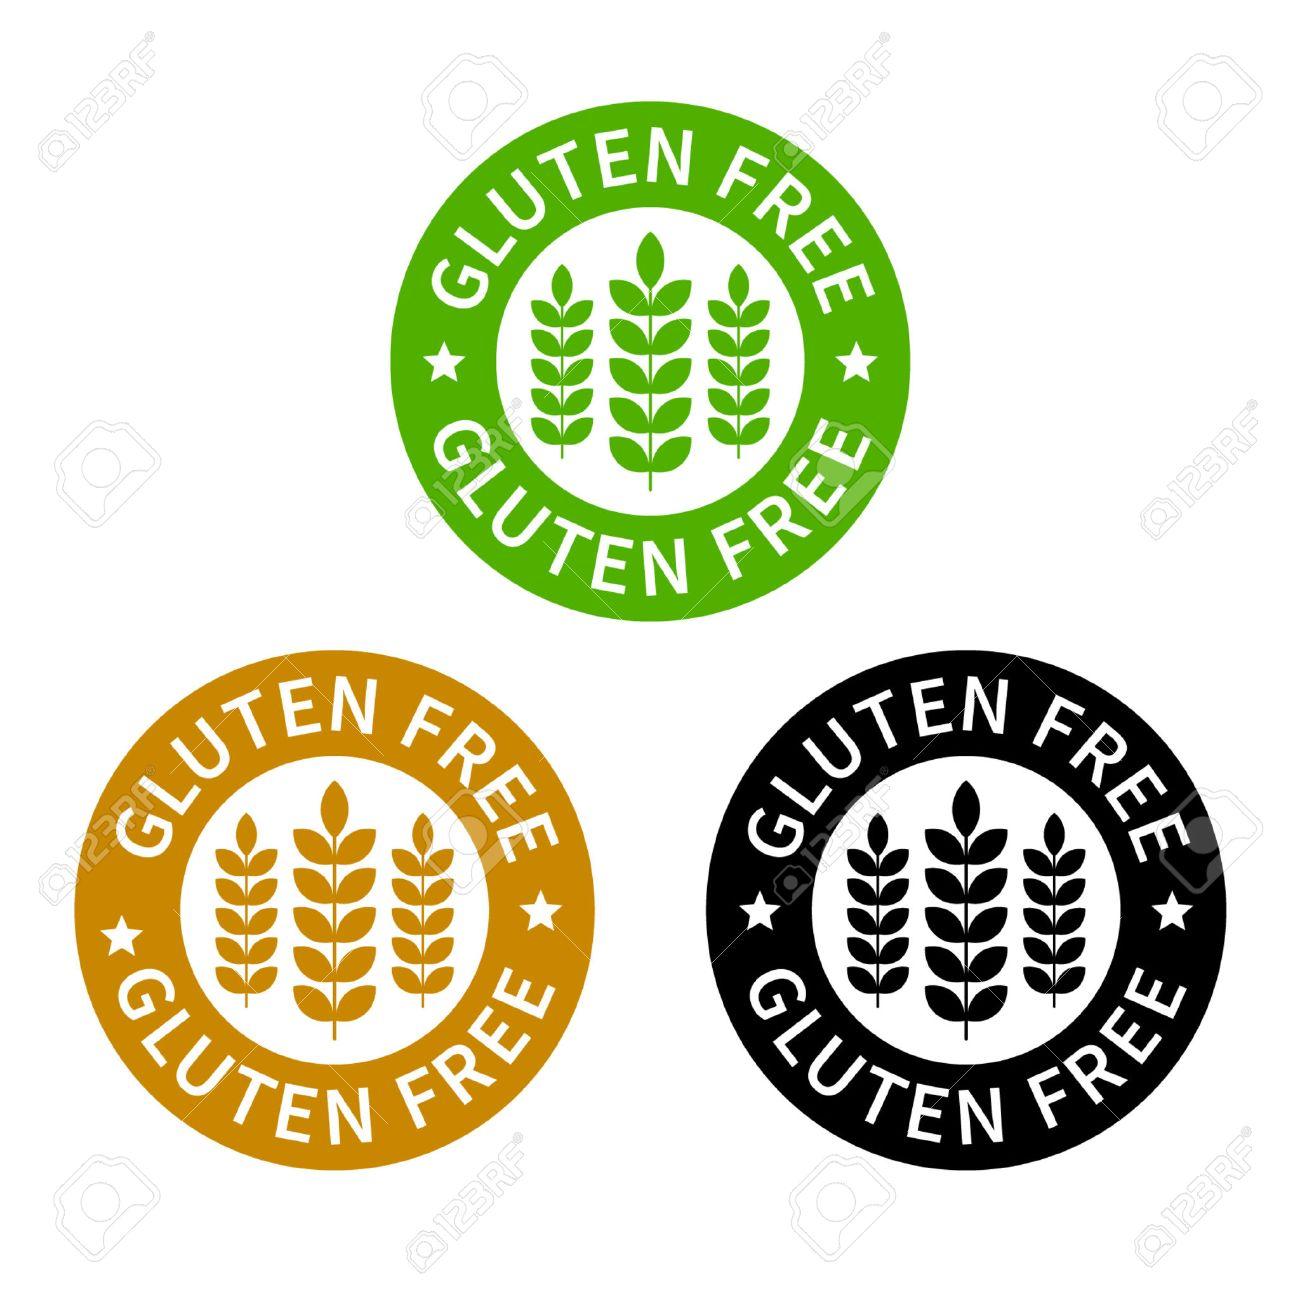 42273453-no-gluten-gluten-free-food-label-or-sticker-flat-icon